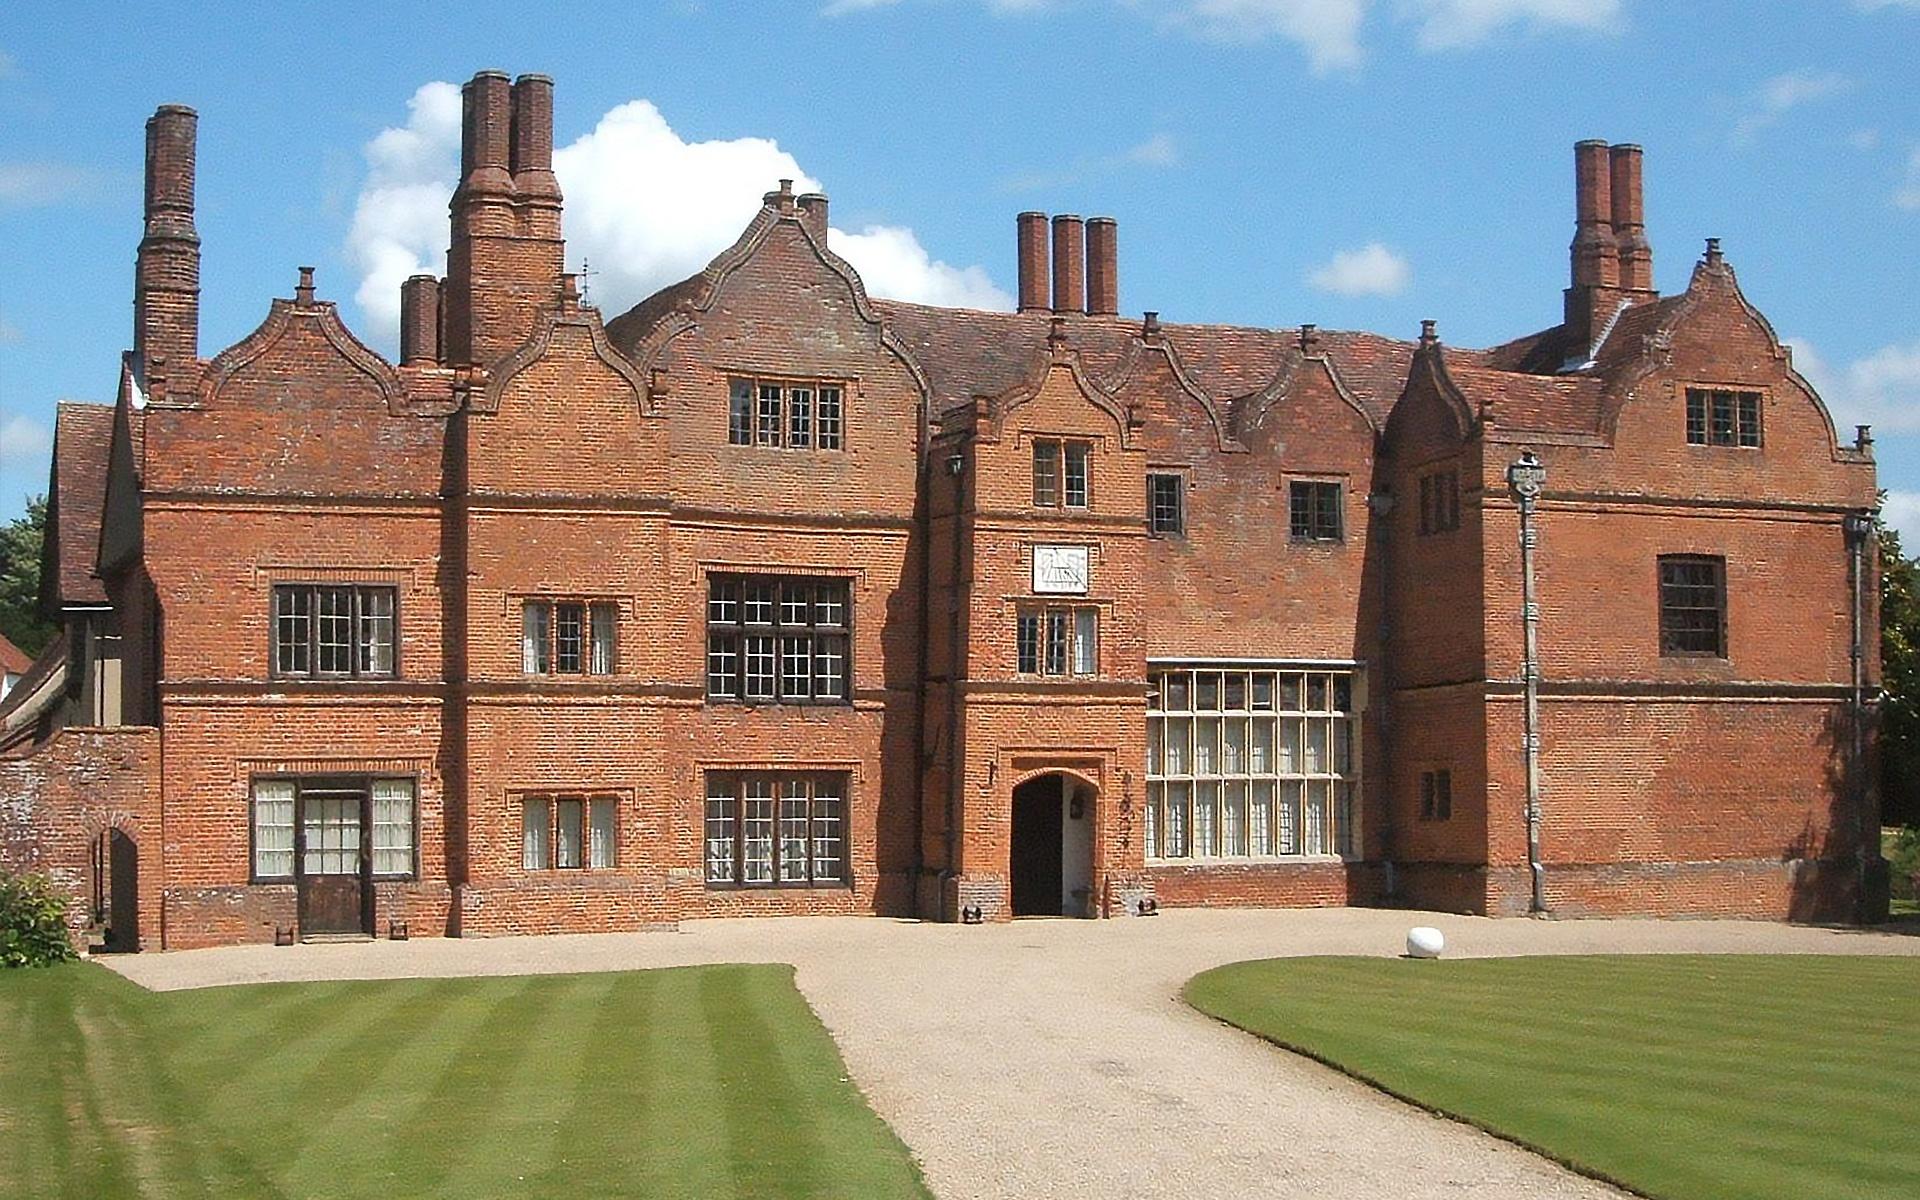 Bakers of Danbury Spains Hall, Essex - restoration